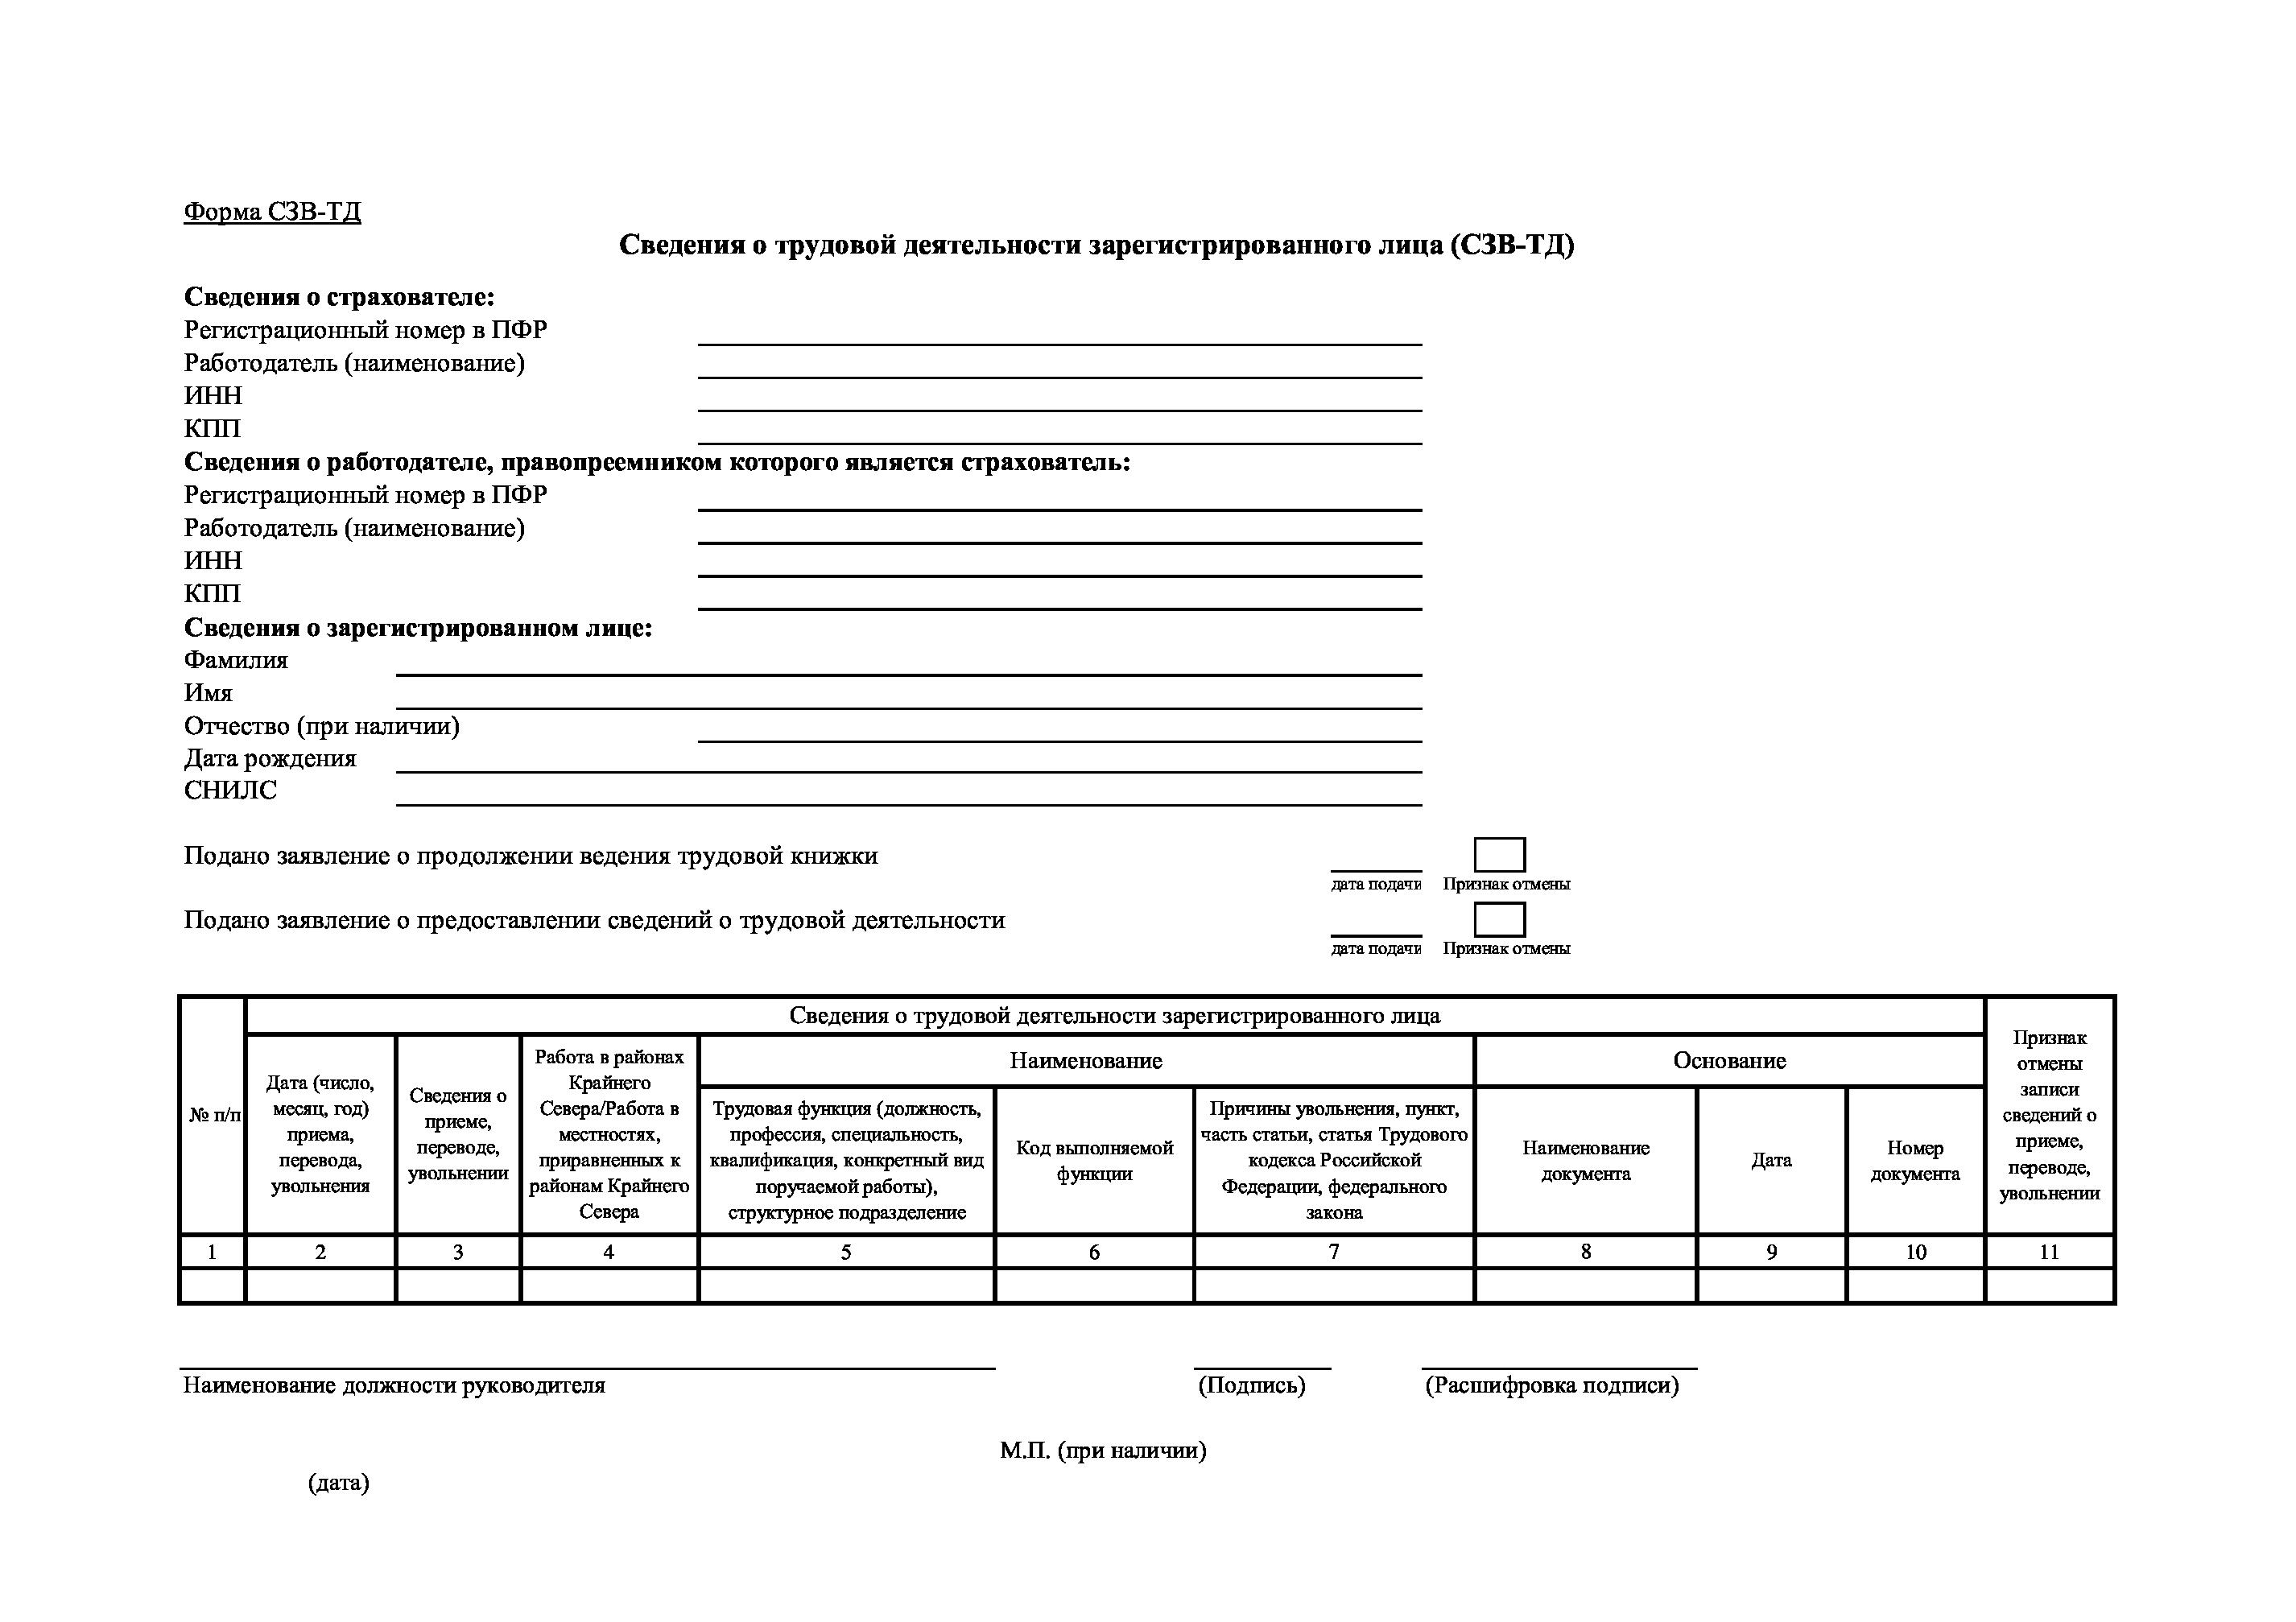 Форма СЗВ-ТД, применяемая с 01.08.2021 года